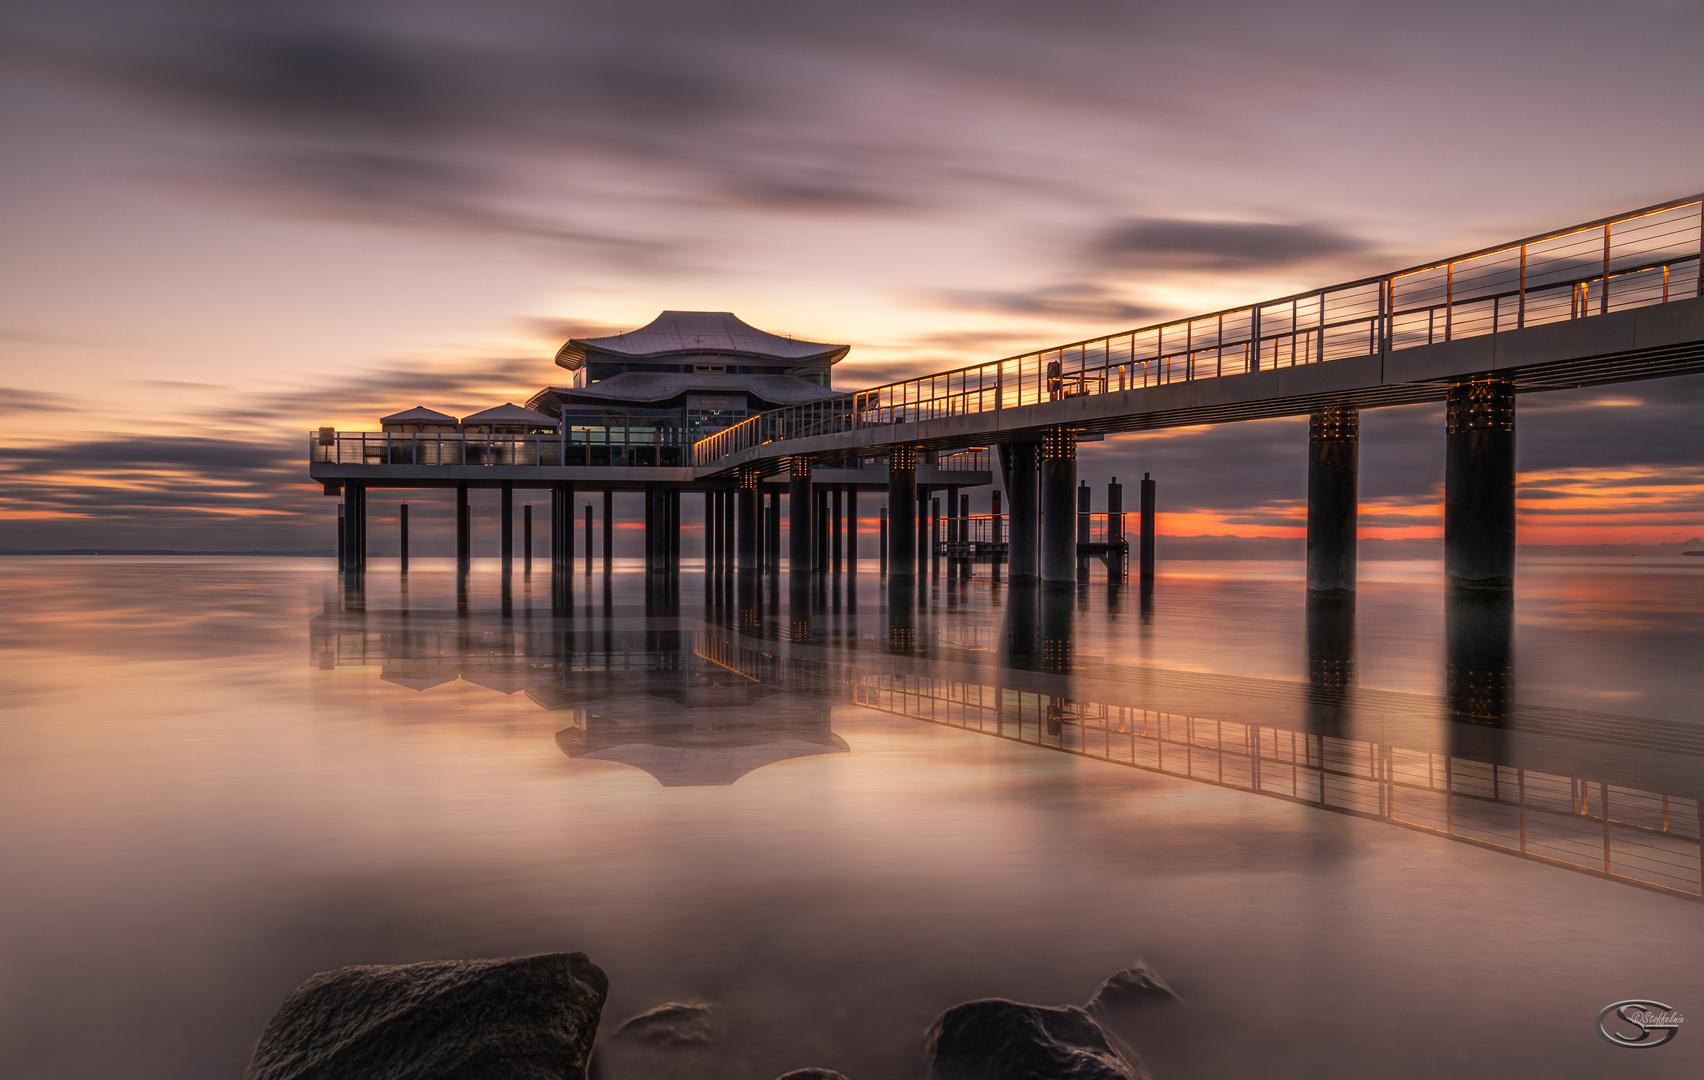 Das Teehaus vor dem Sonnenaufgang